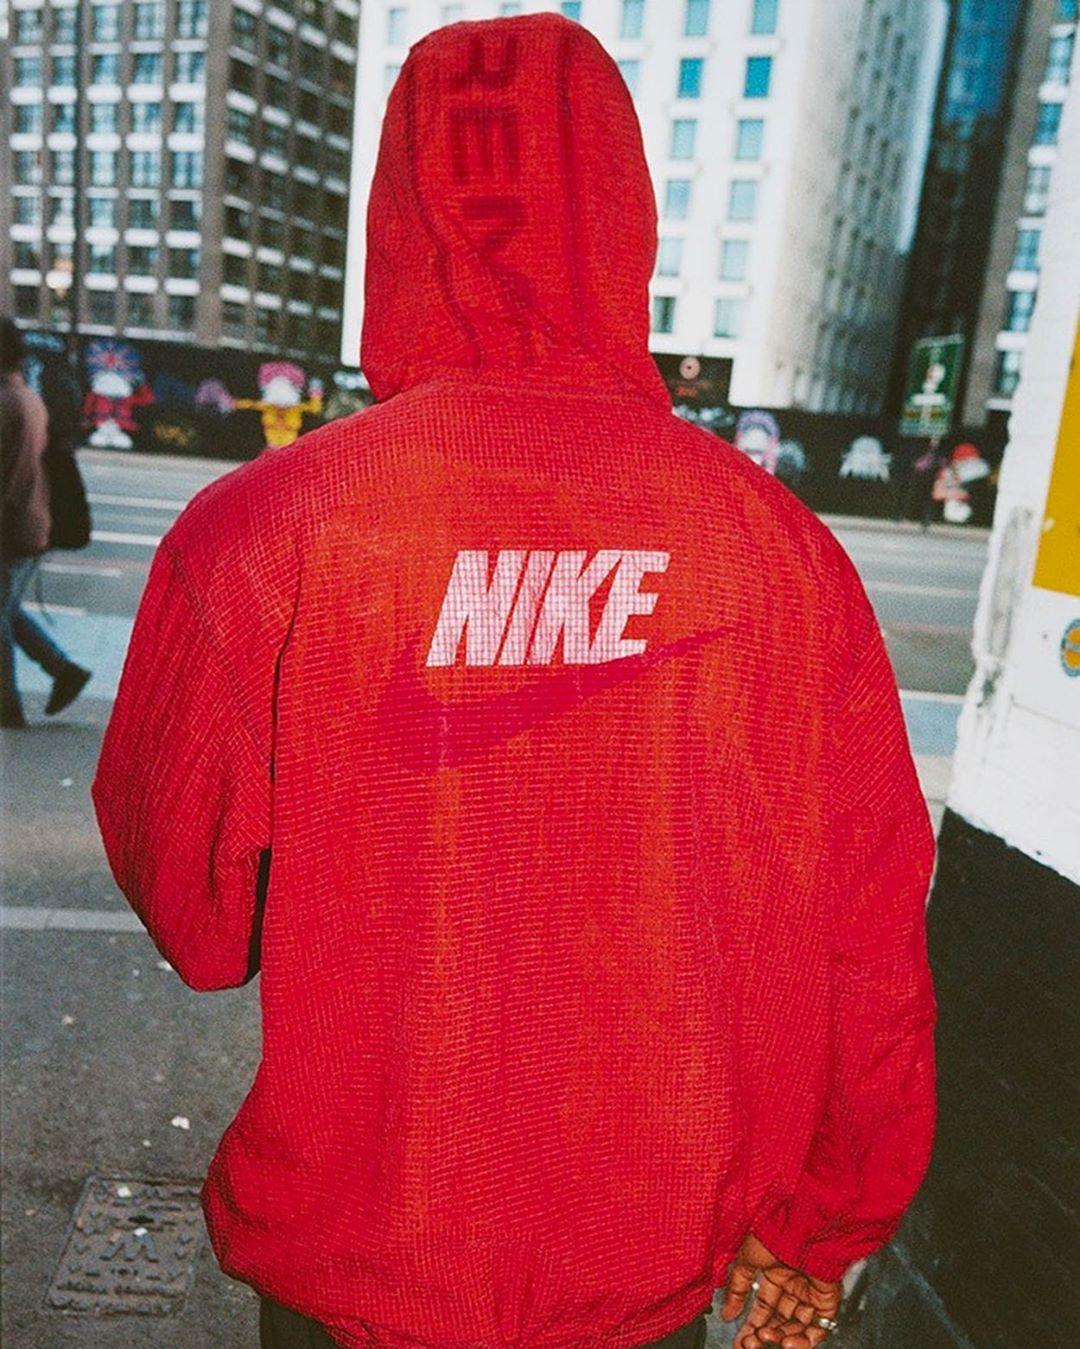 Supreme,Nike,发售  Supreme x Nike 全新系列本周发售!最重要的单品还没消息...